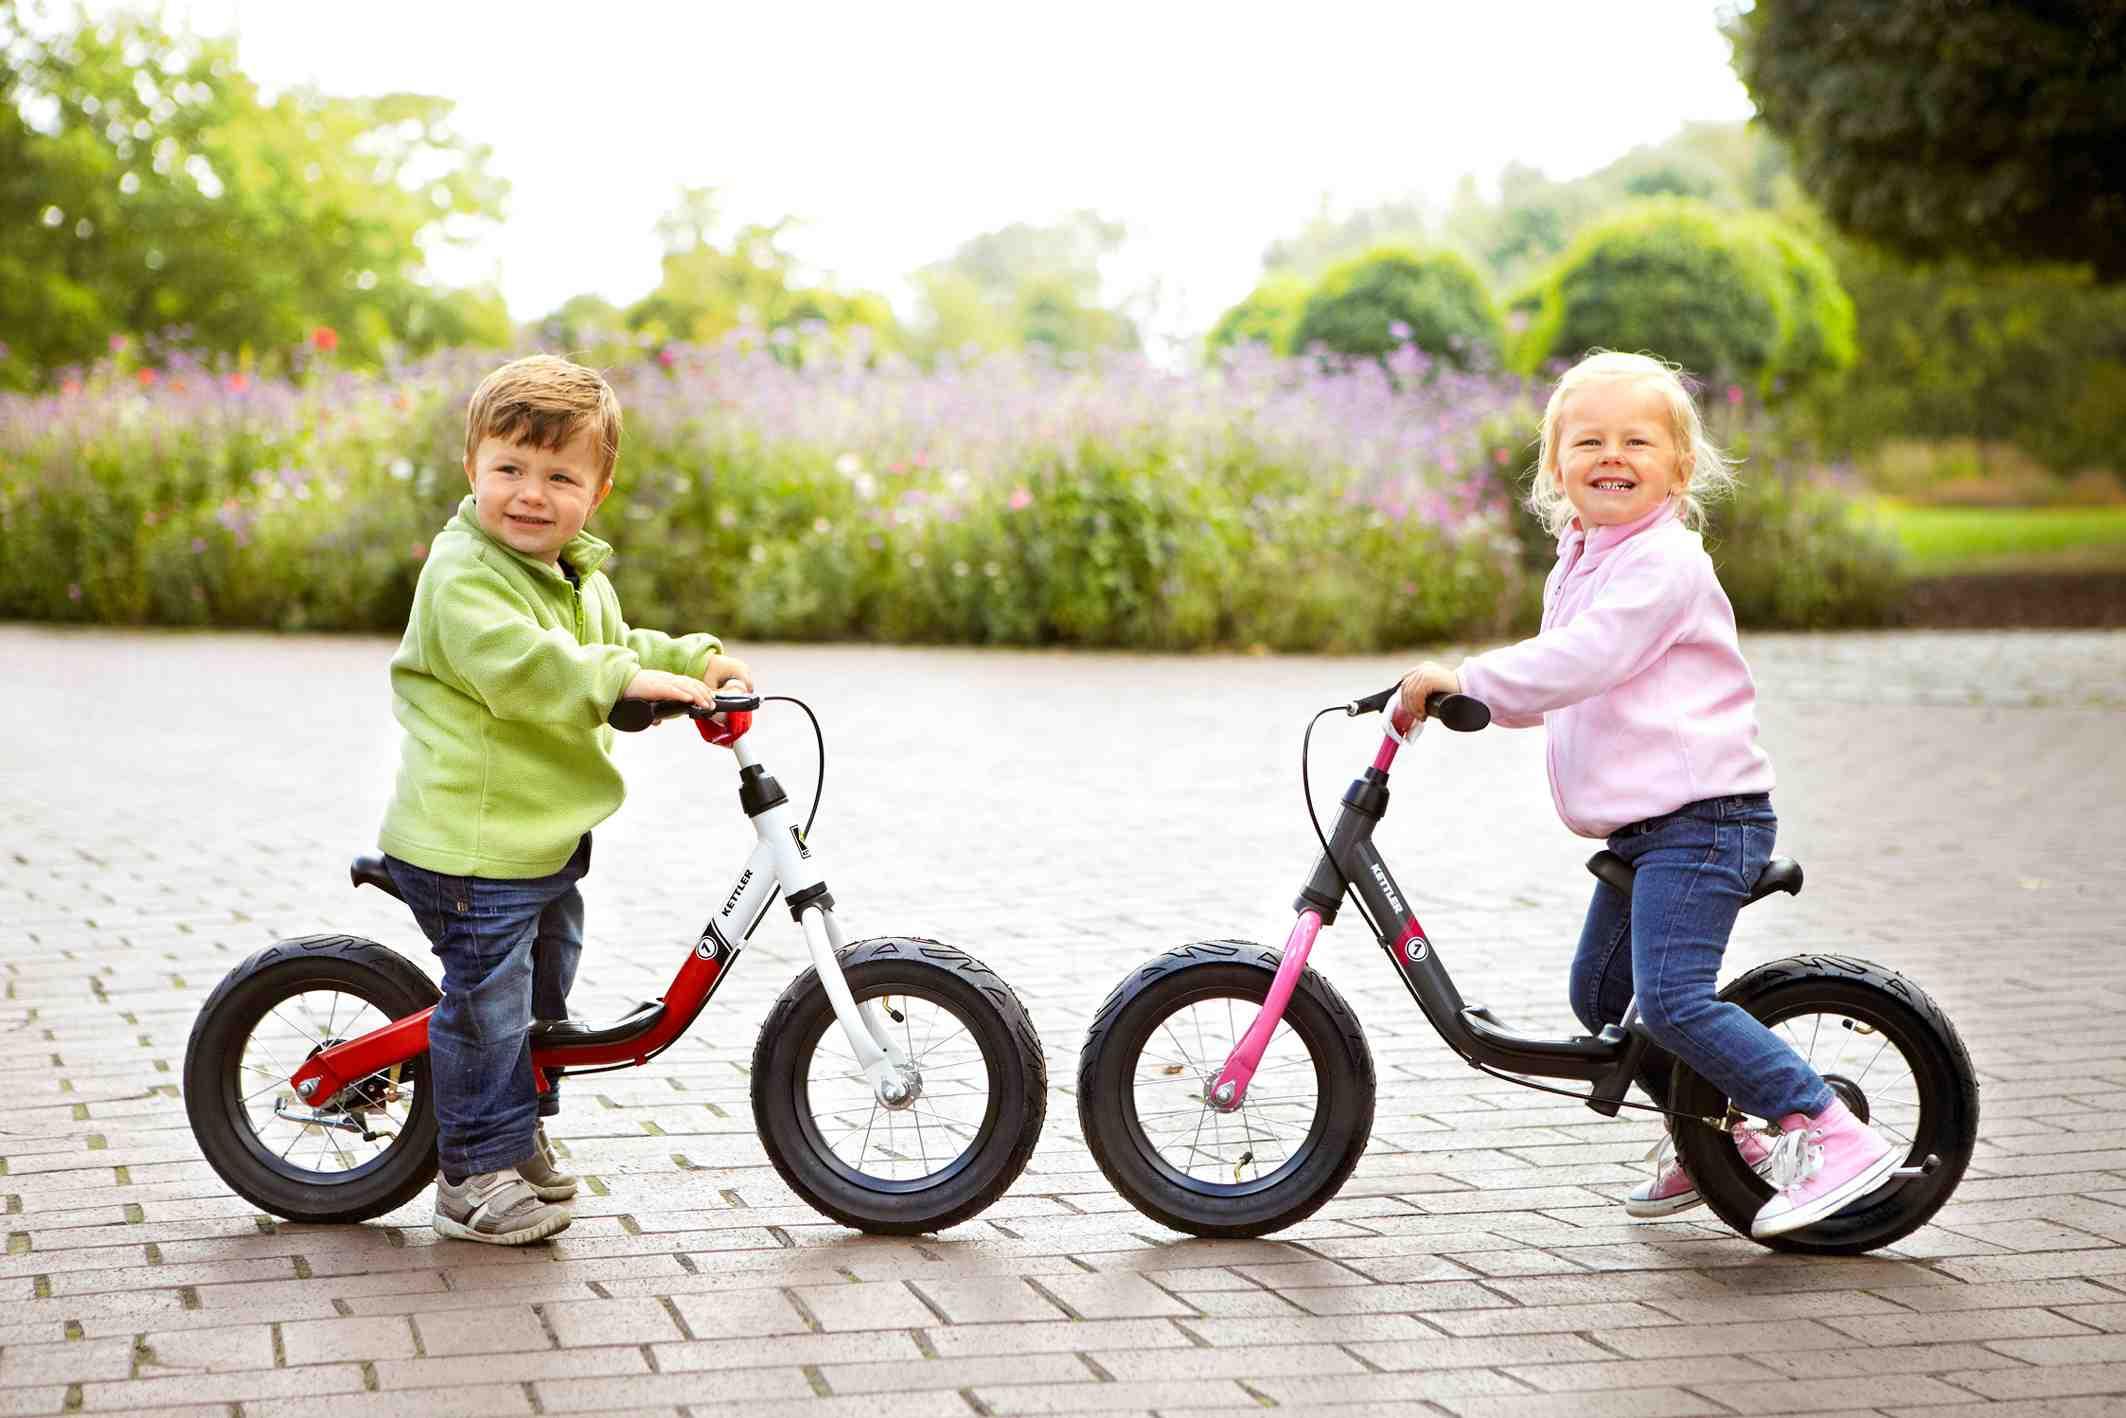 Mit dem Run Air Laufrad von Kettler haben die Kinder einen Lauf und sind gerne draussen unterwegs. Foto: (c) Kettler